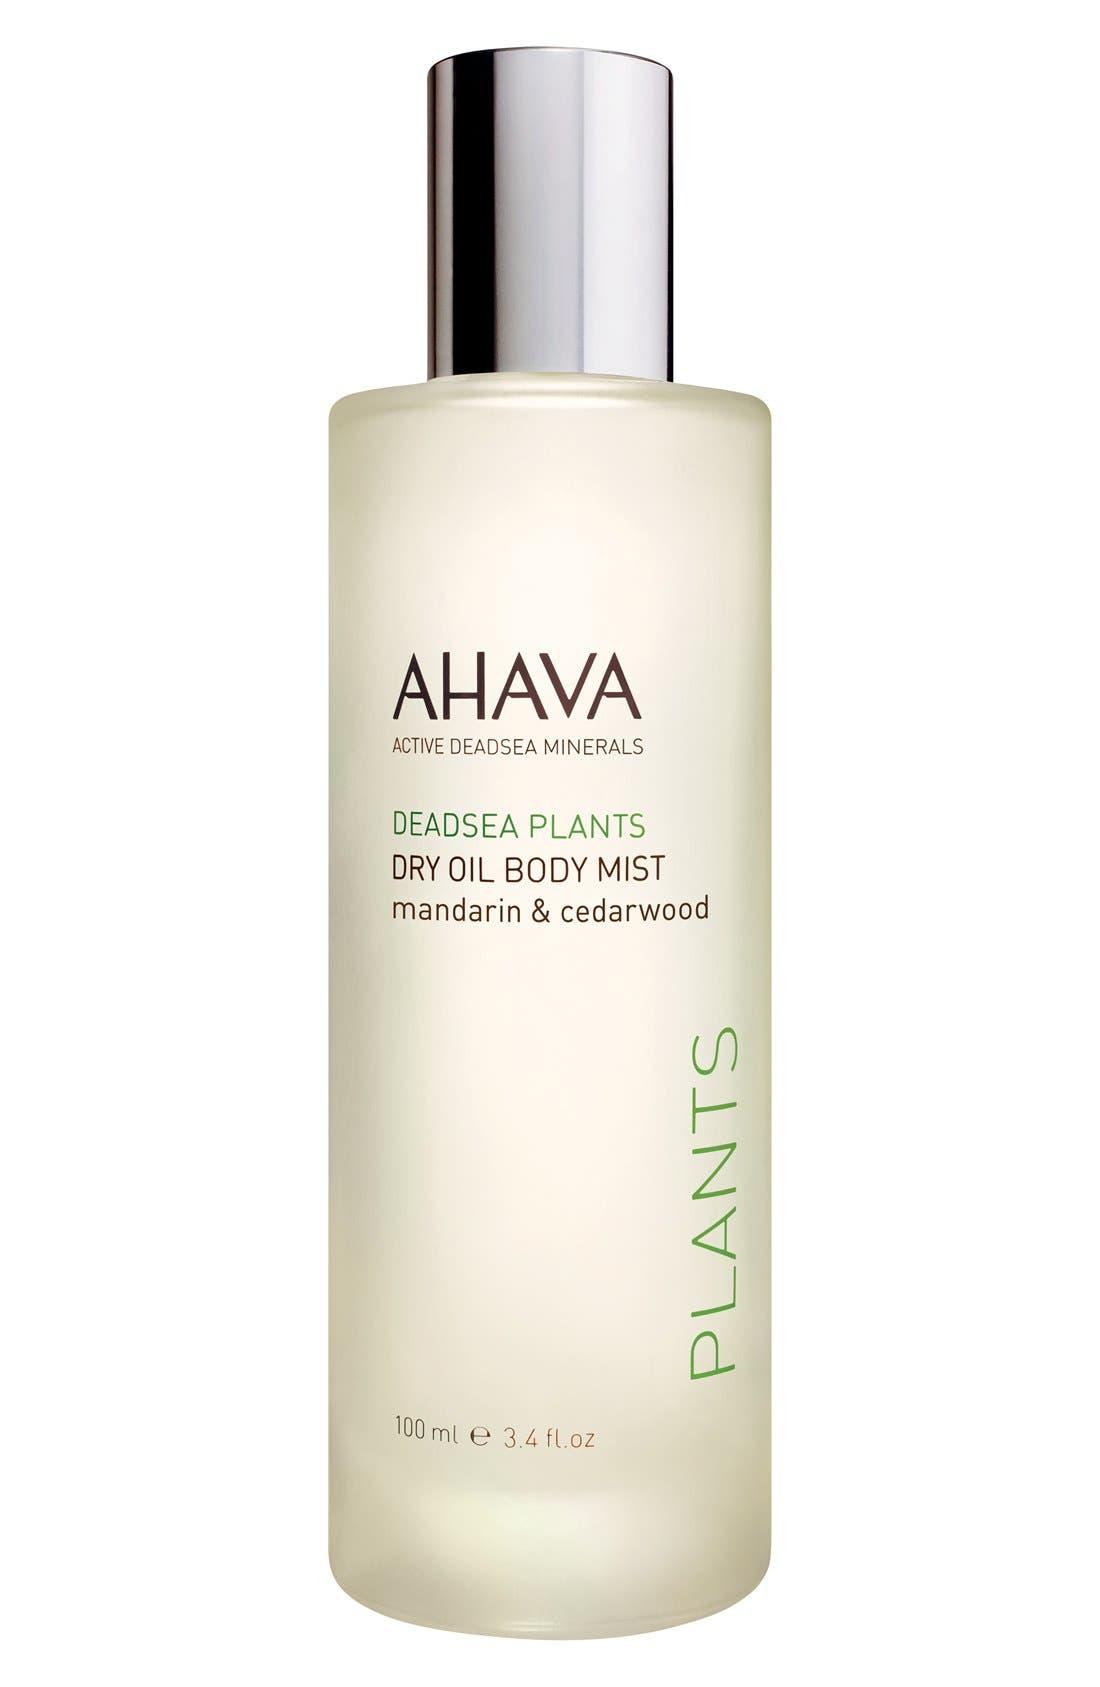 AHAVA Dry Oil Body Mist